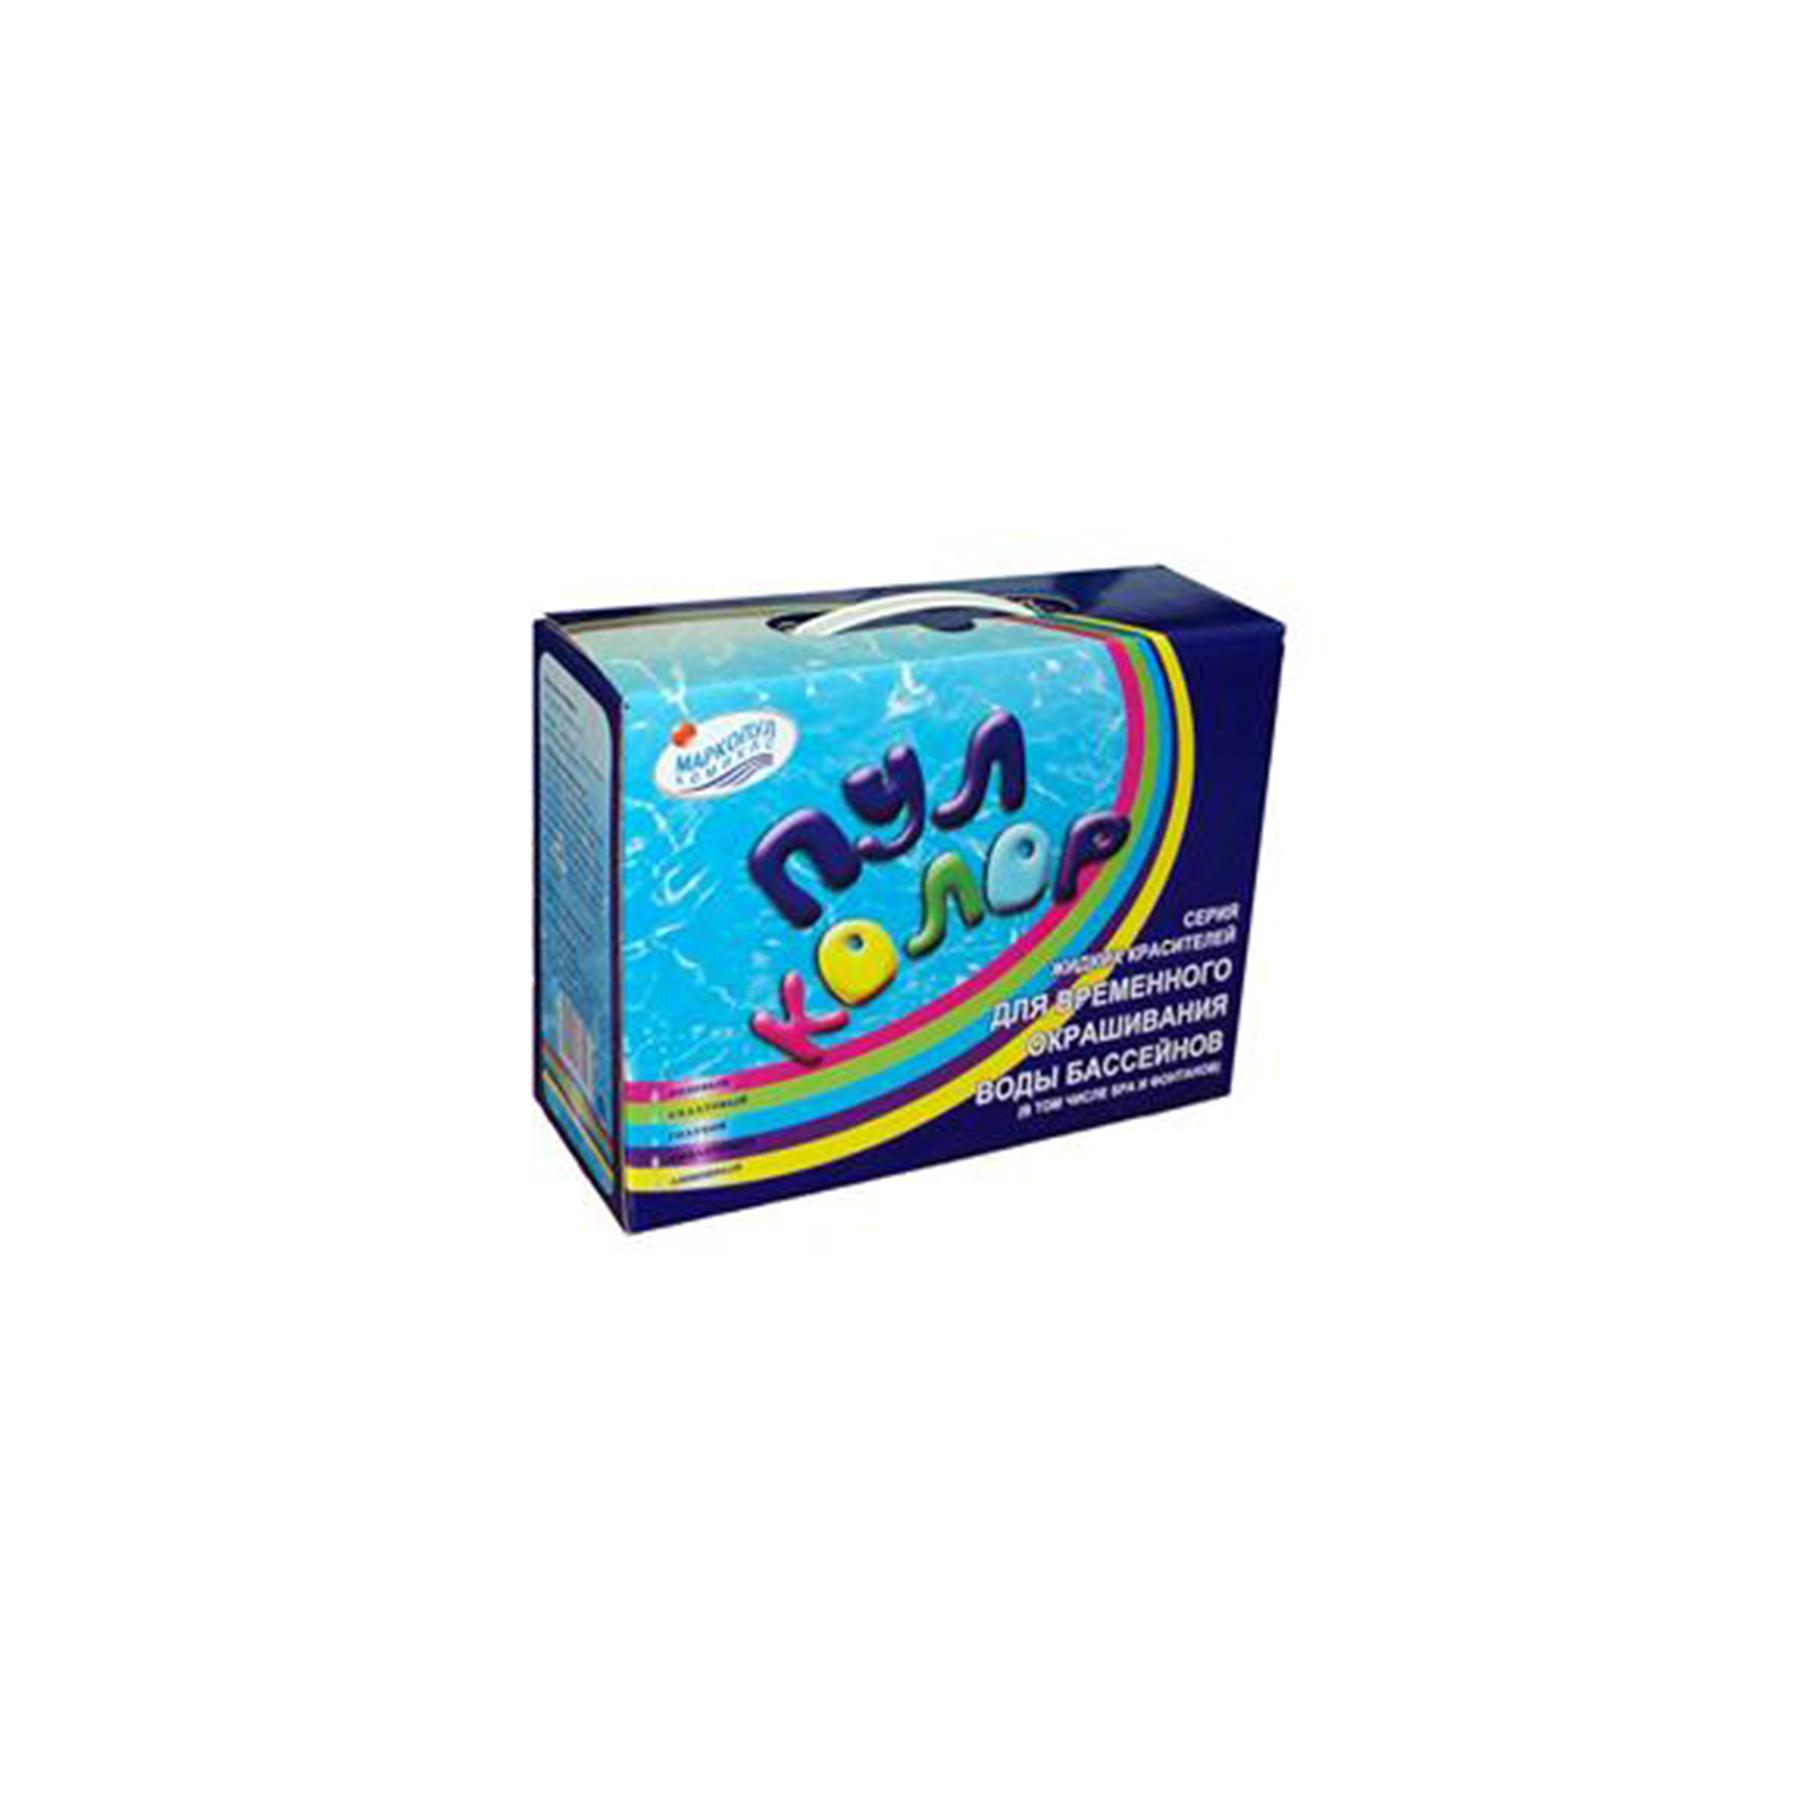 """Хим. препарат """"ПулКолор"""" коробка 2,5 кг (для временного окрашивания) УЦЕНКА!!! 5.8"""